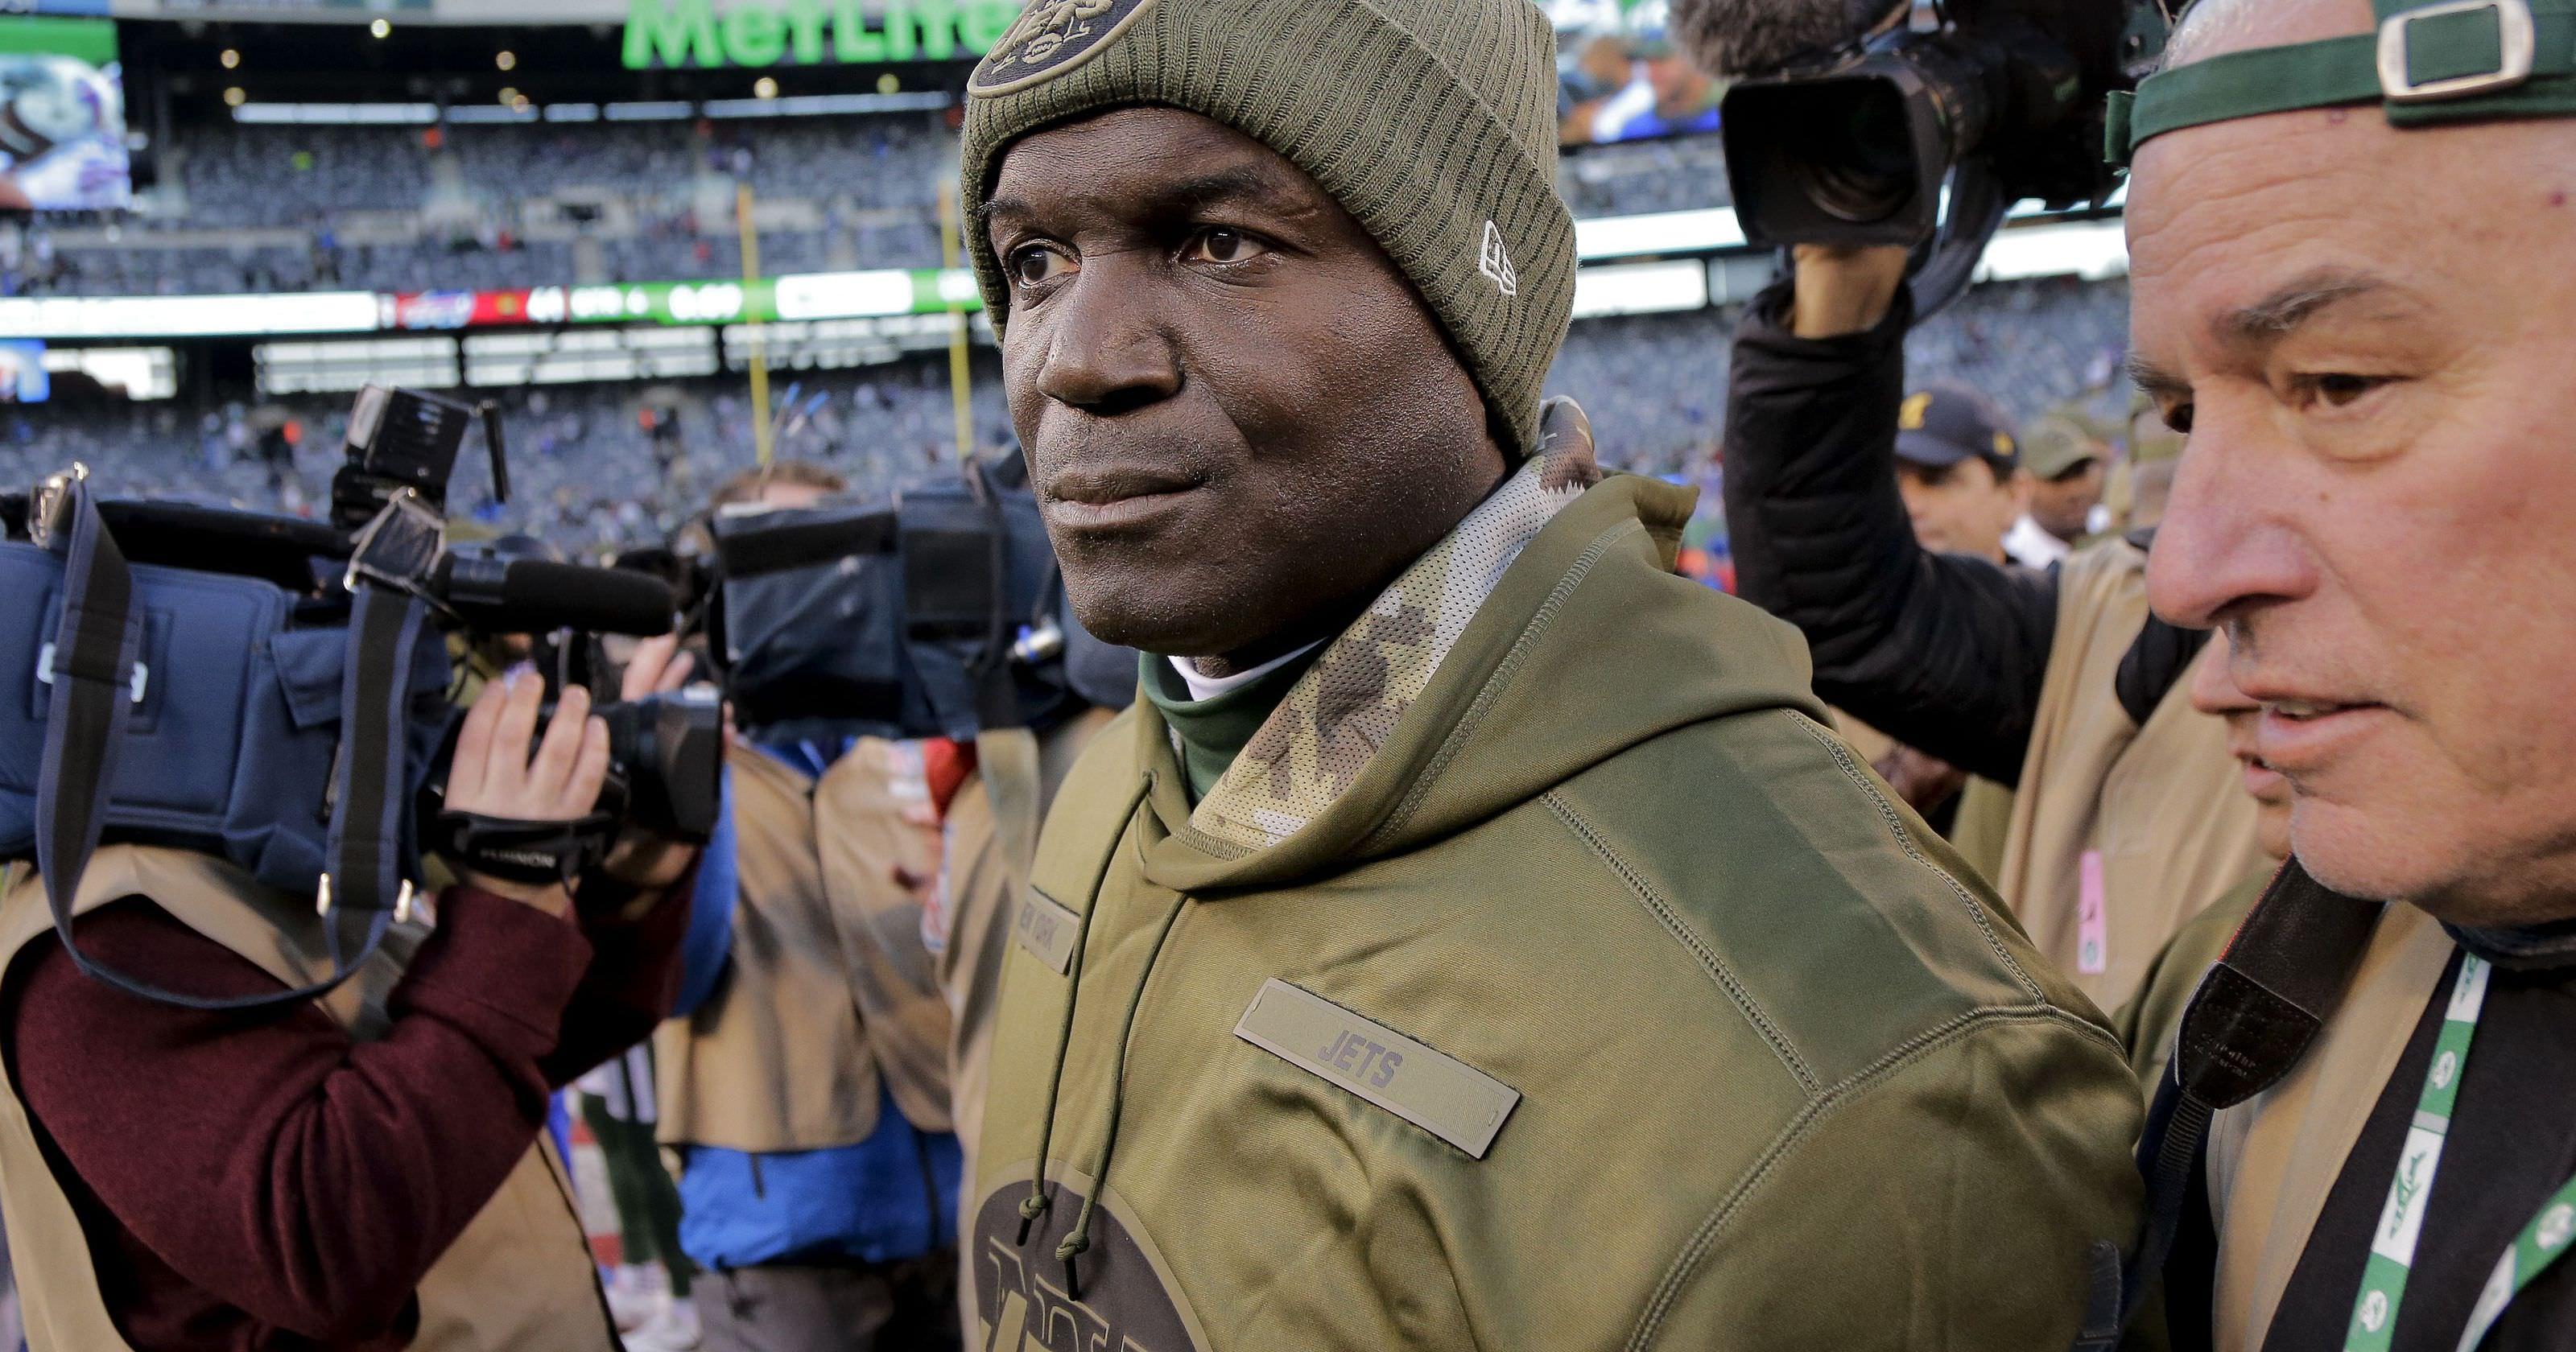 Bowles permanece como treinador do Jets apesar das lutas da equipe, perda ruim